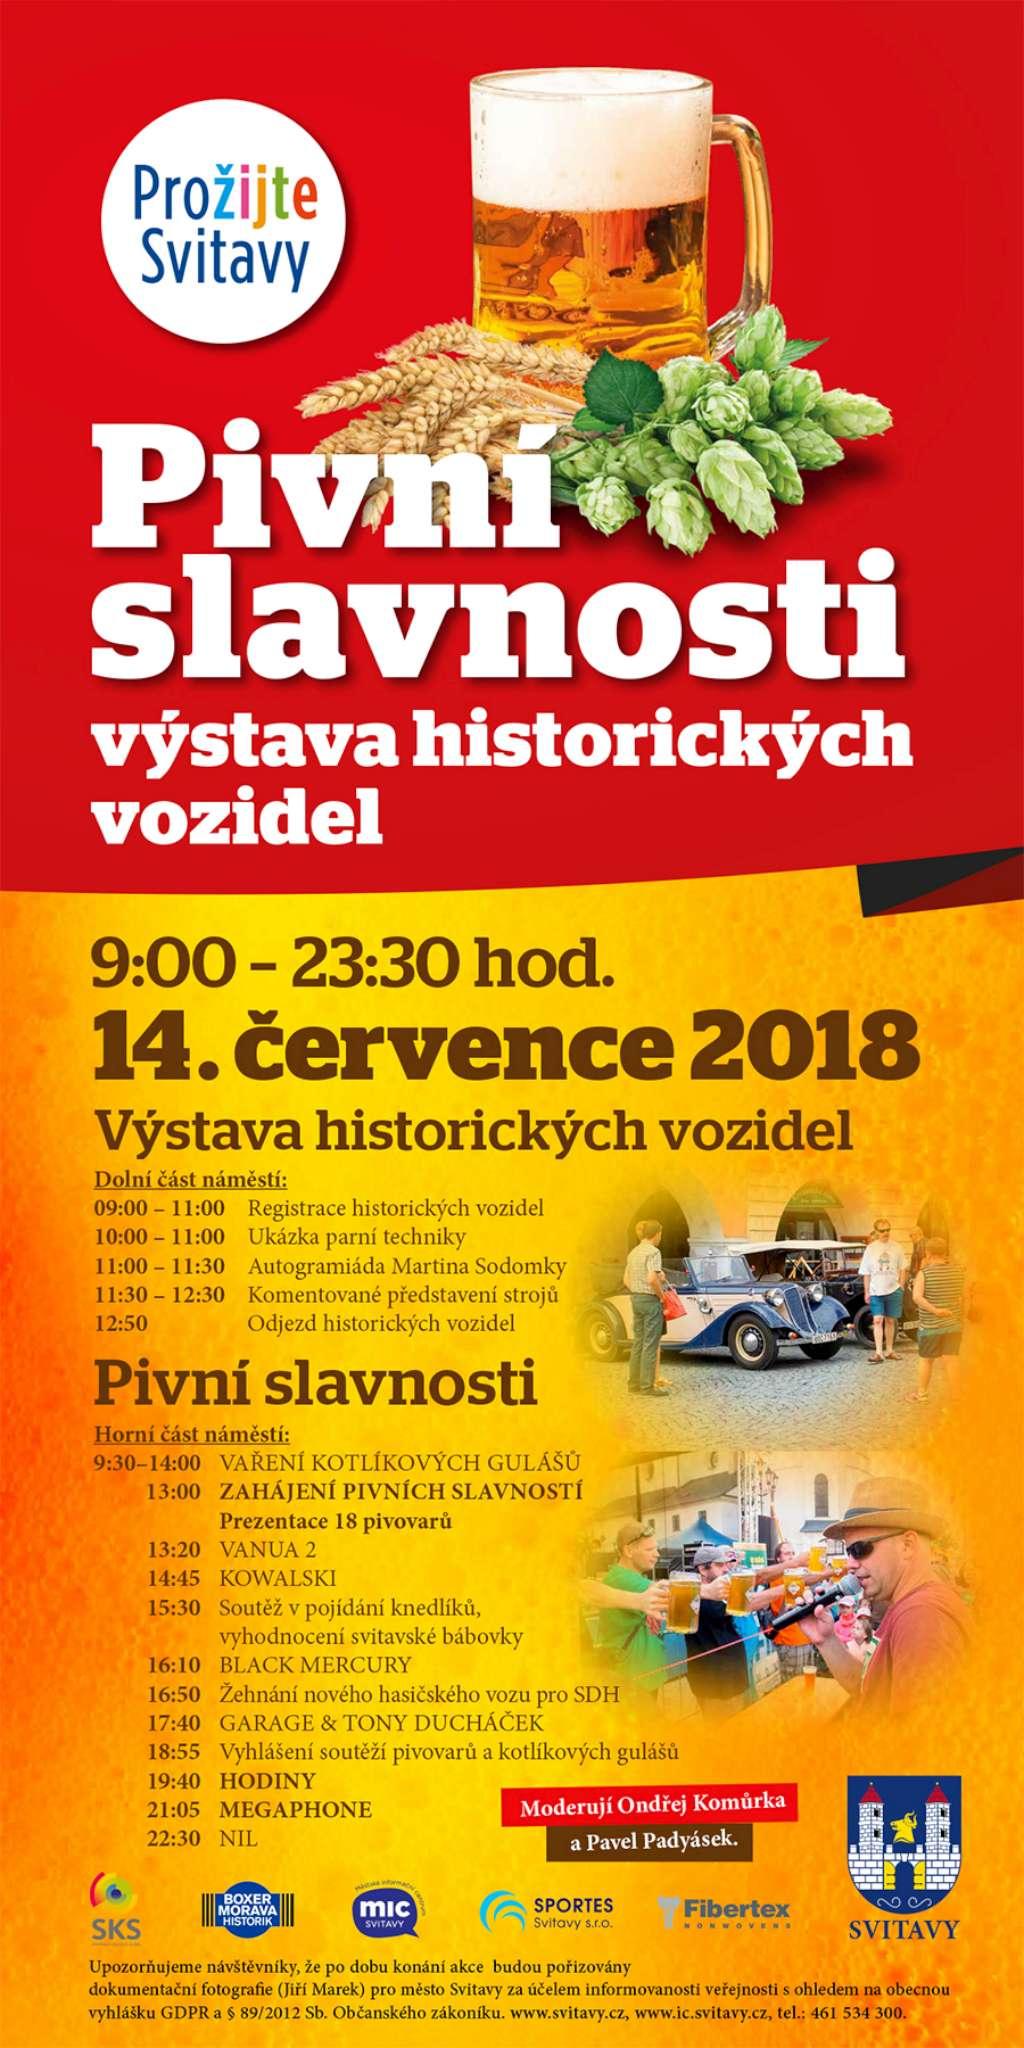 pivni-slavnosti-svitavy-14-7-2018-2048